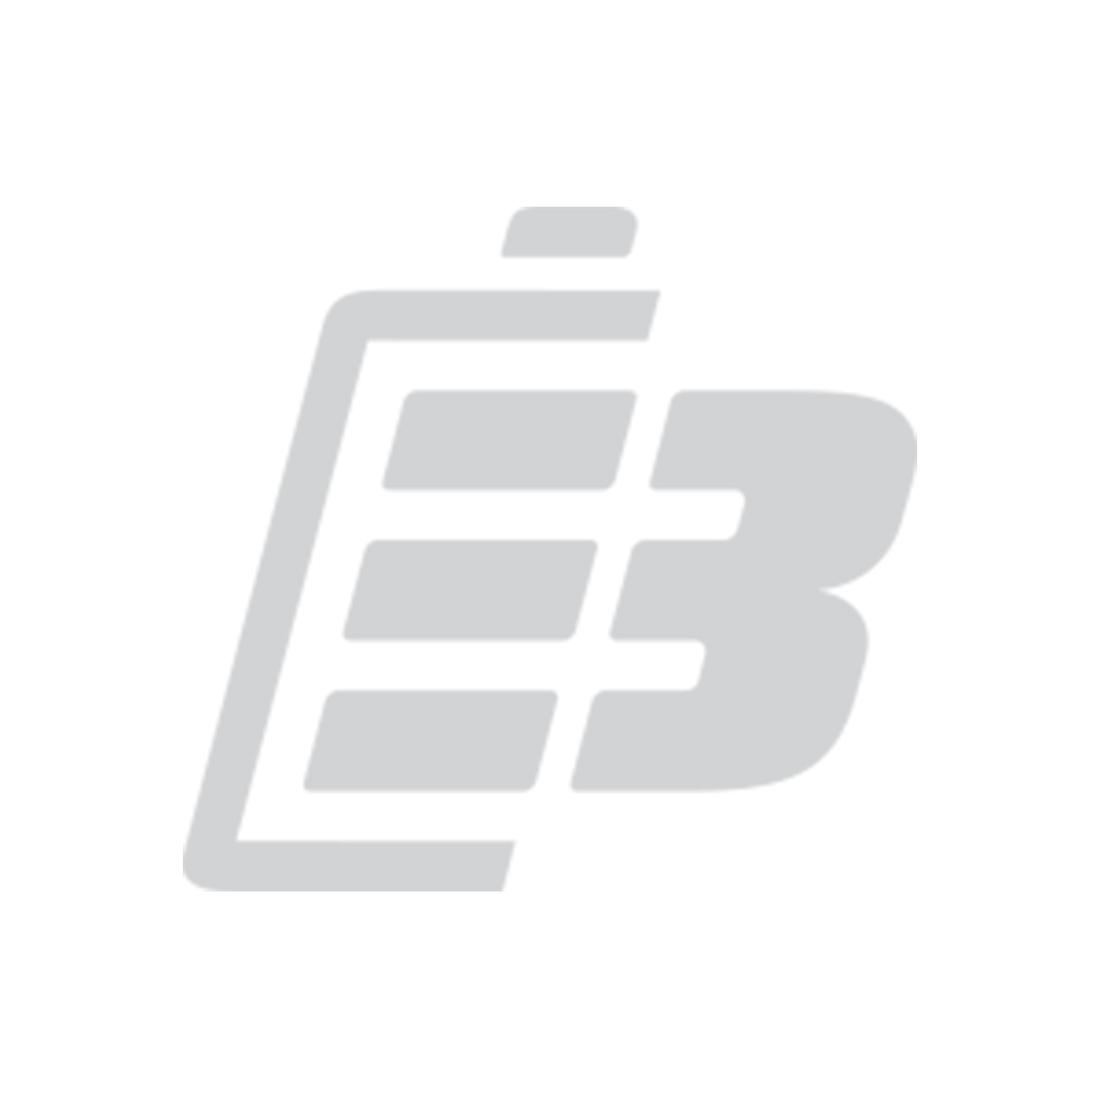 Laptop battery Lenovo IdeaPad 100-15_1